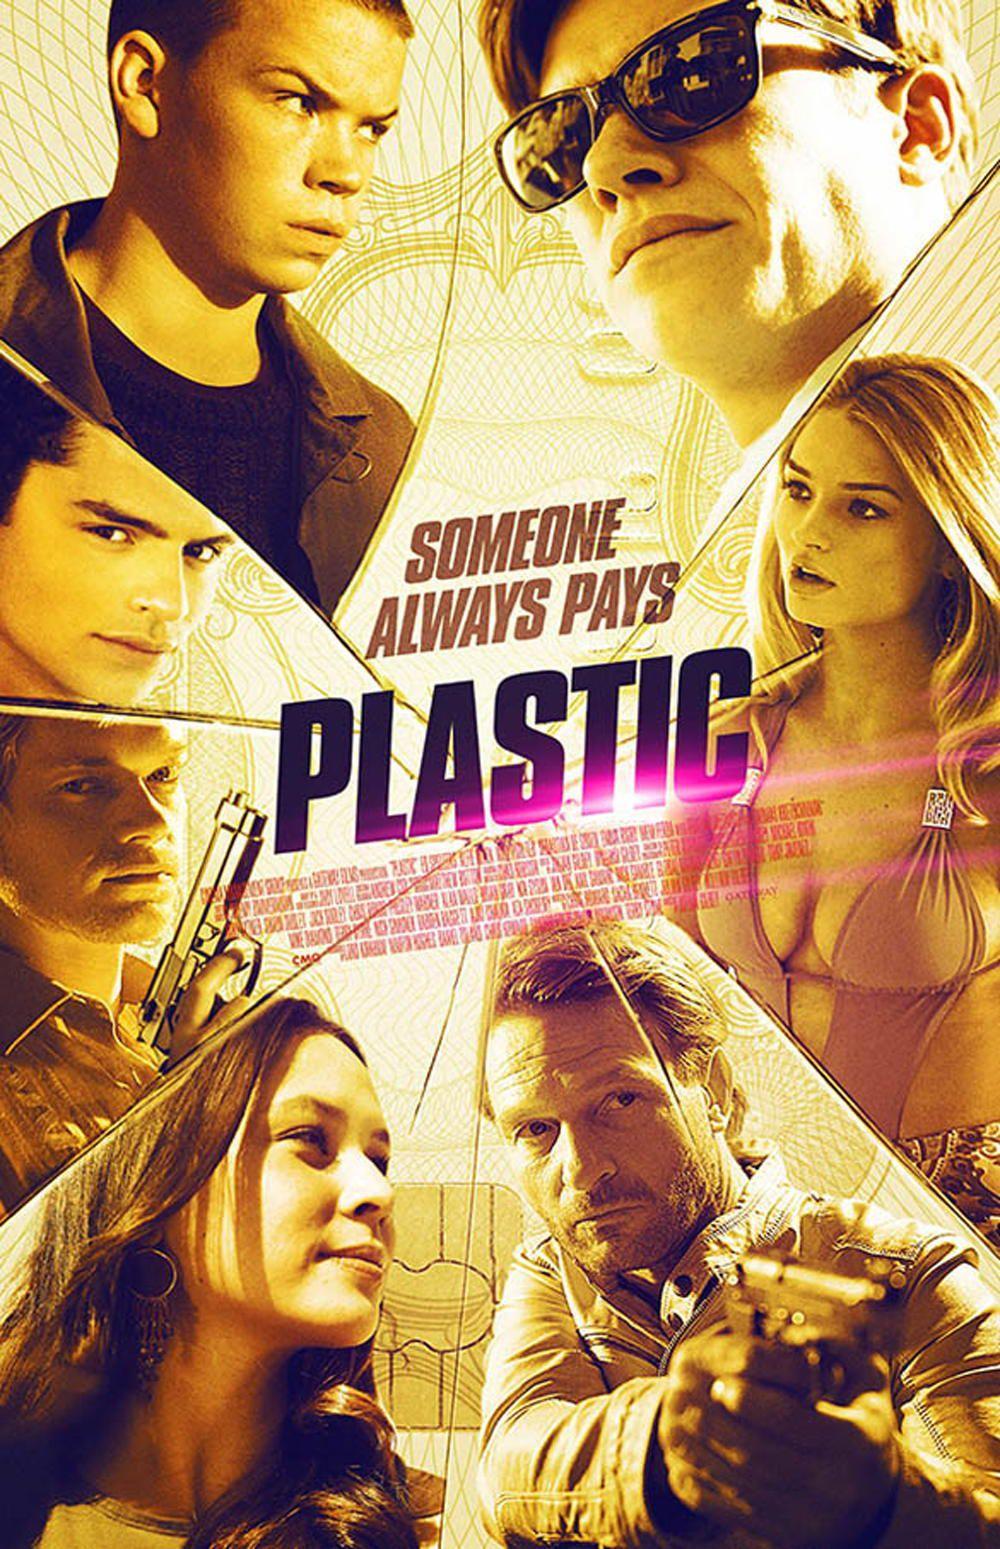 Plastic - Film (2014)